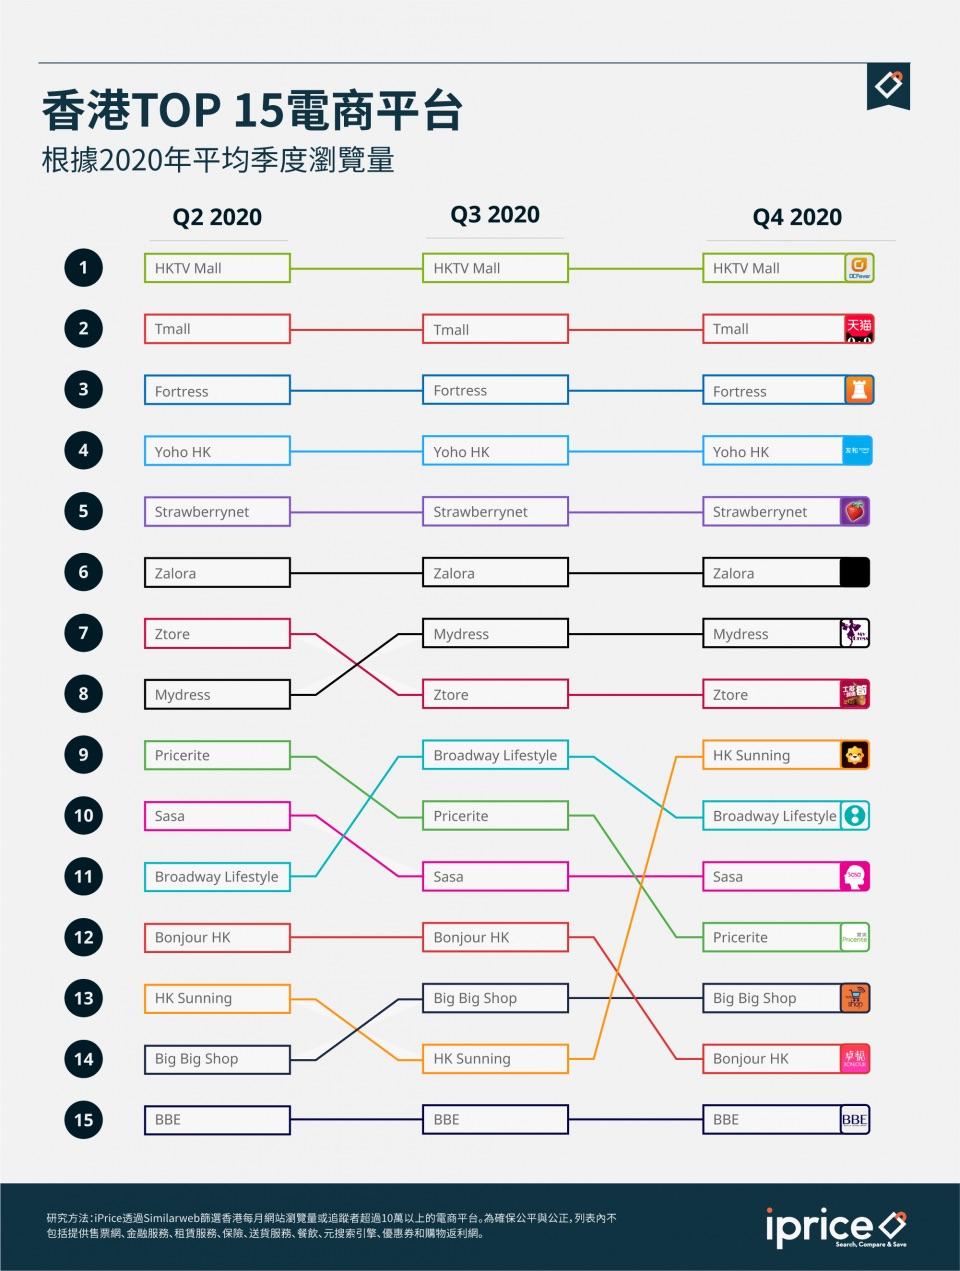 香港電商排名2021